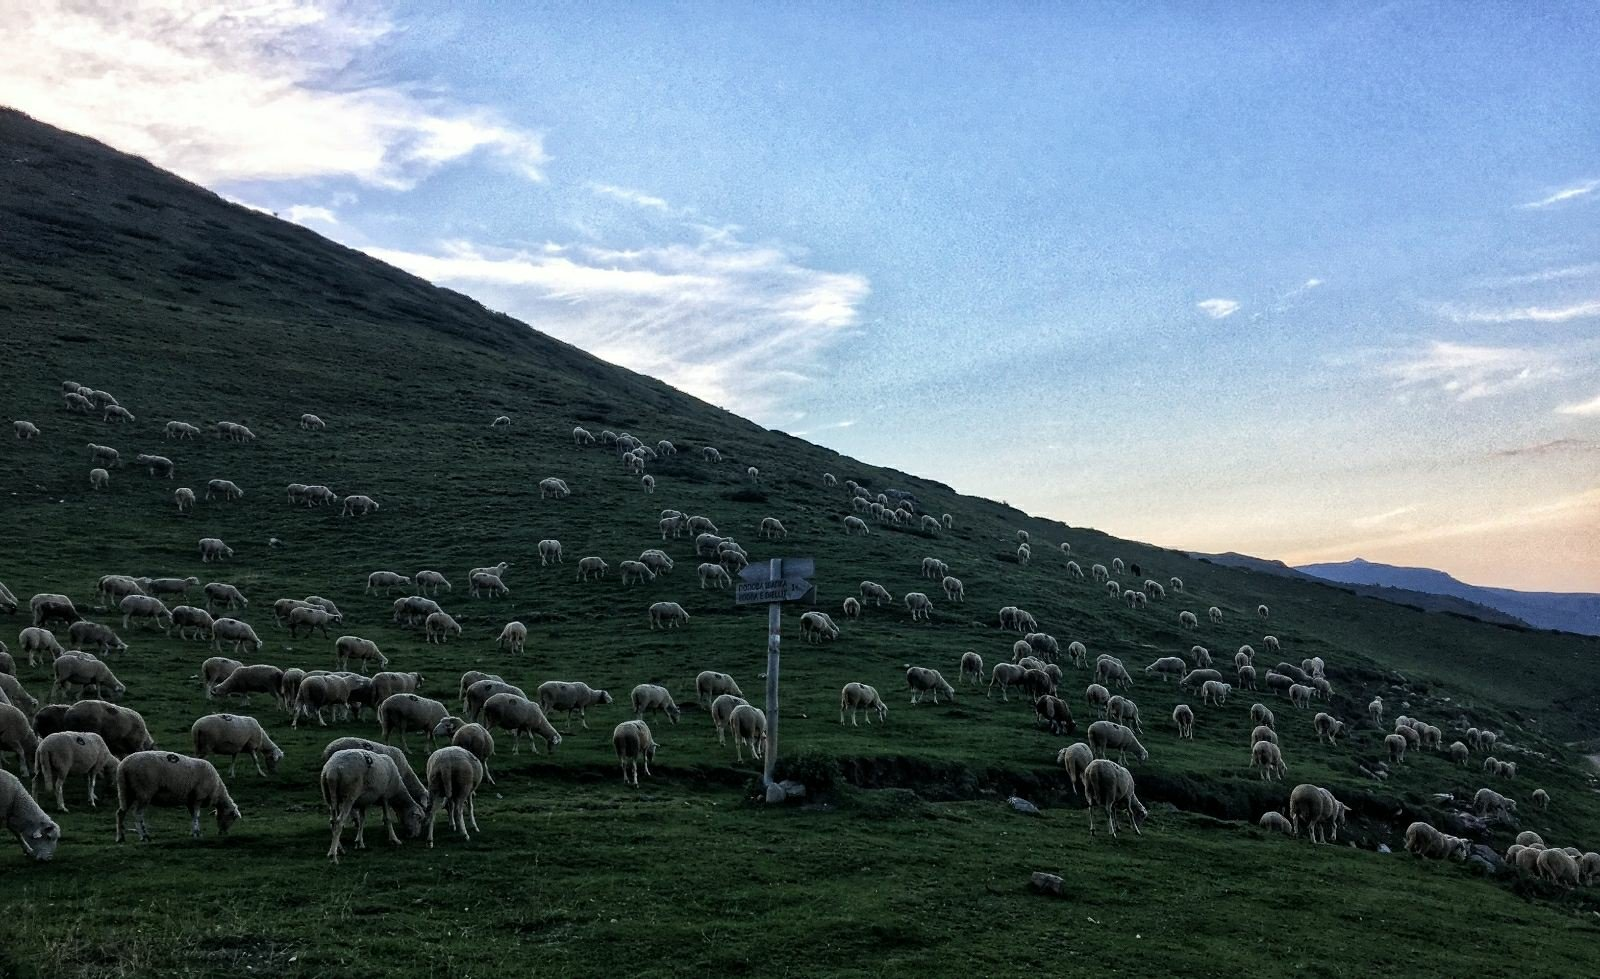 Sheep on Shar mountain